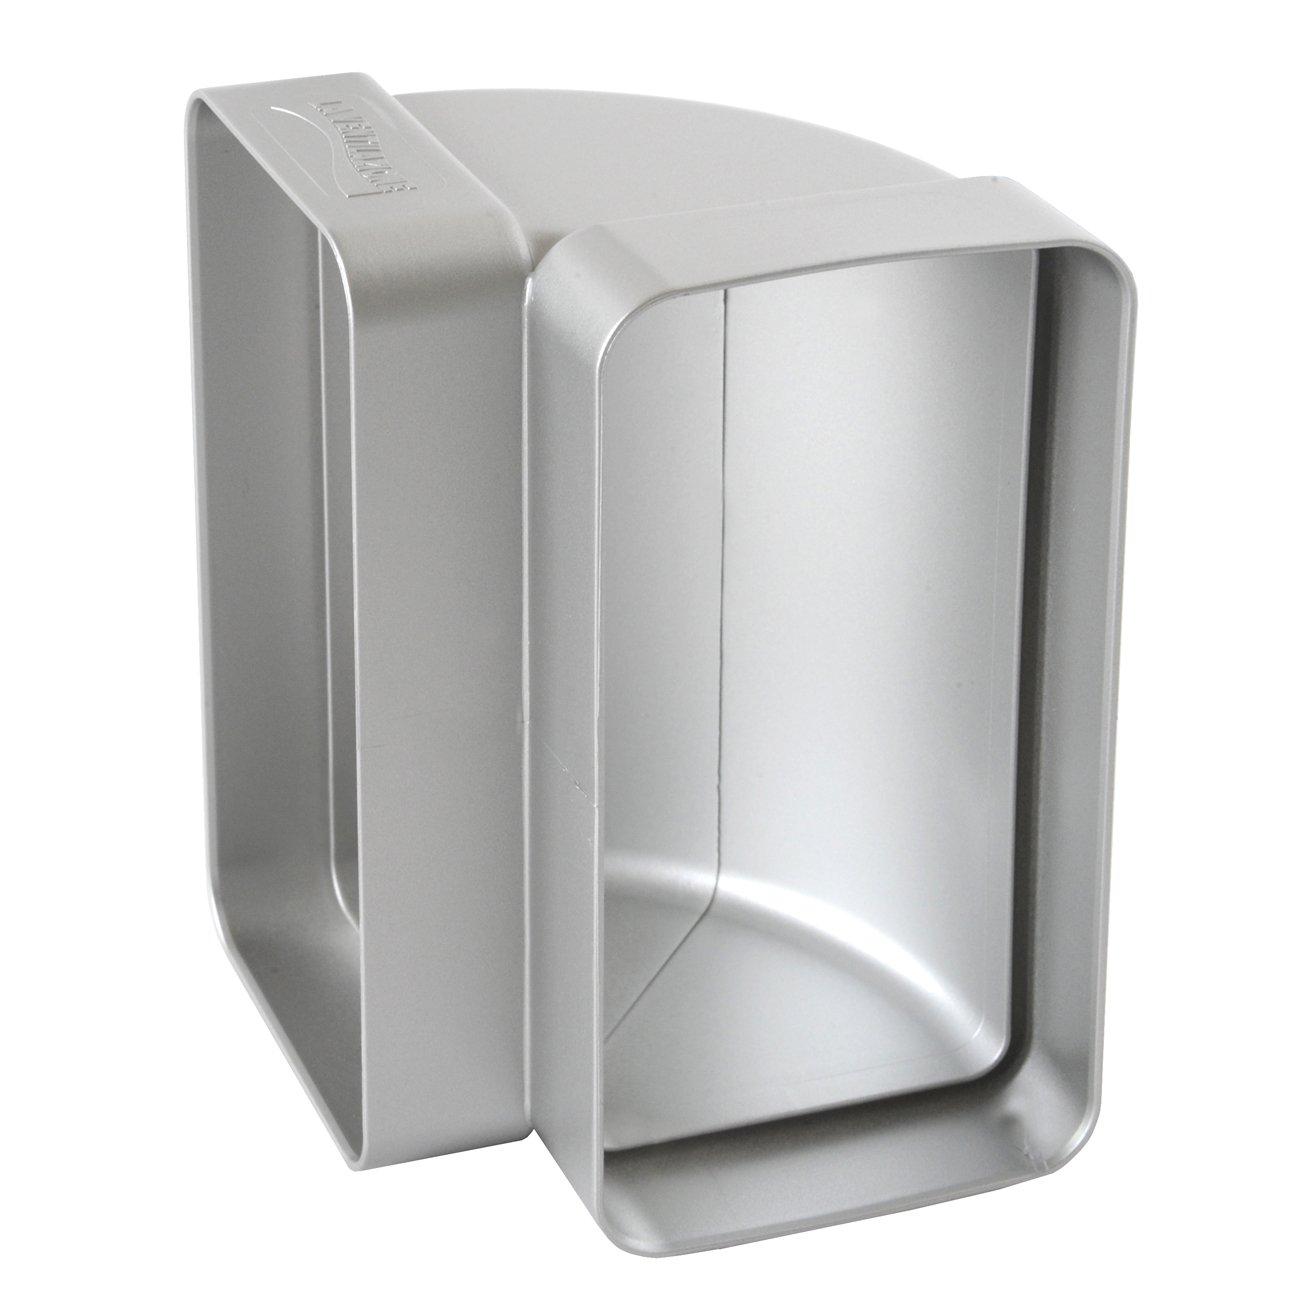 120/x 60/mm La ventilaci/ón ccv126ac-y curva vertical de ABS para tubo rectangular cromado satinado